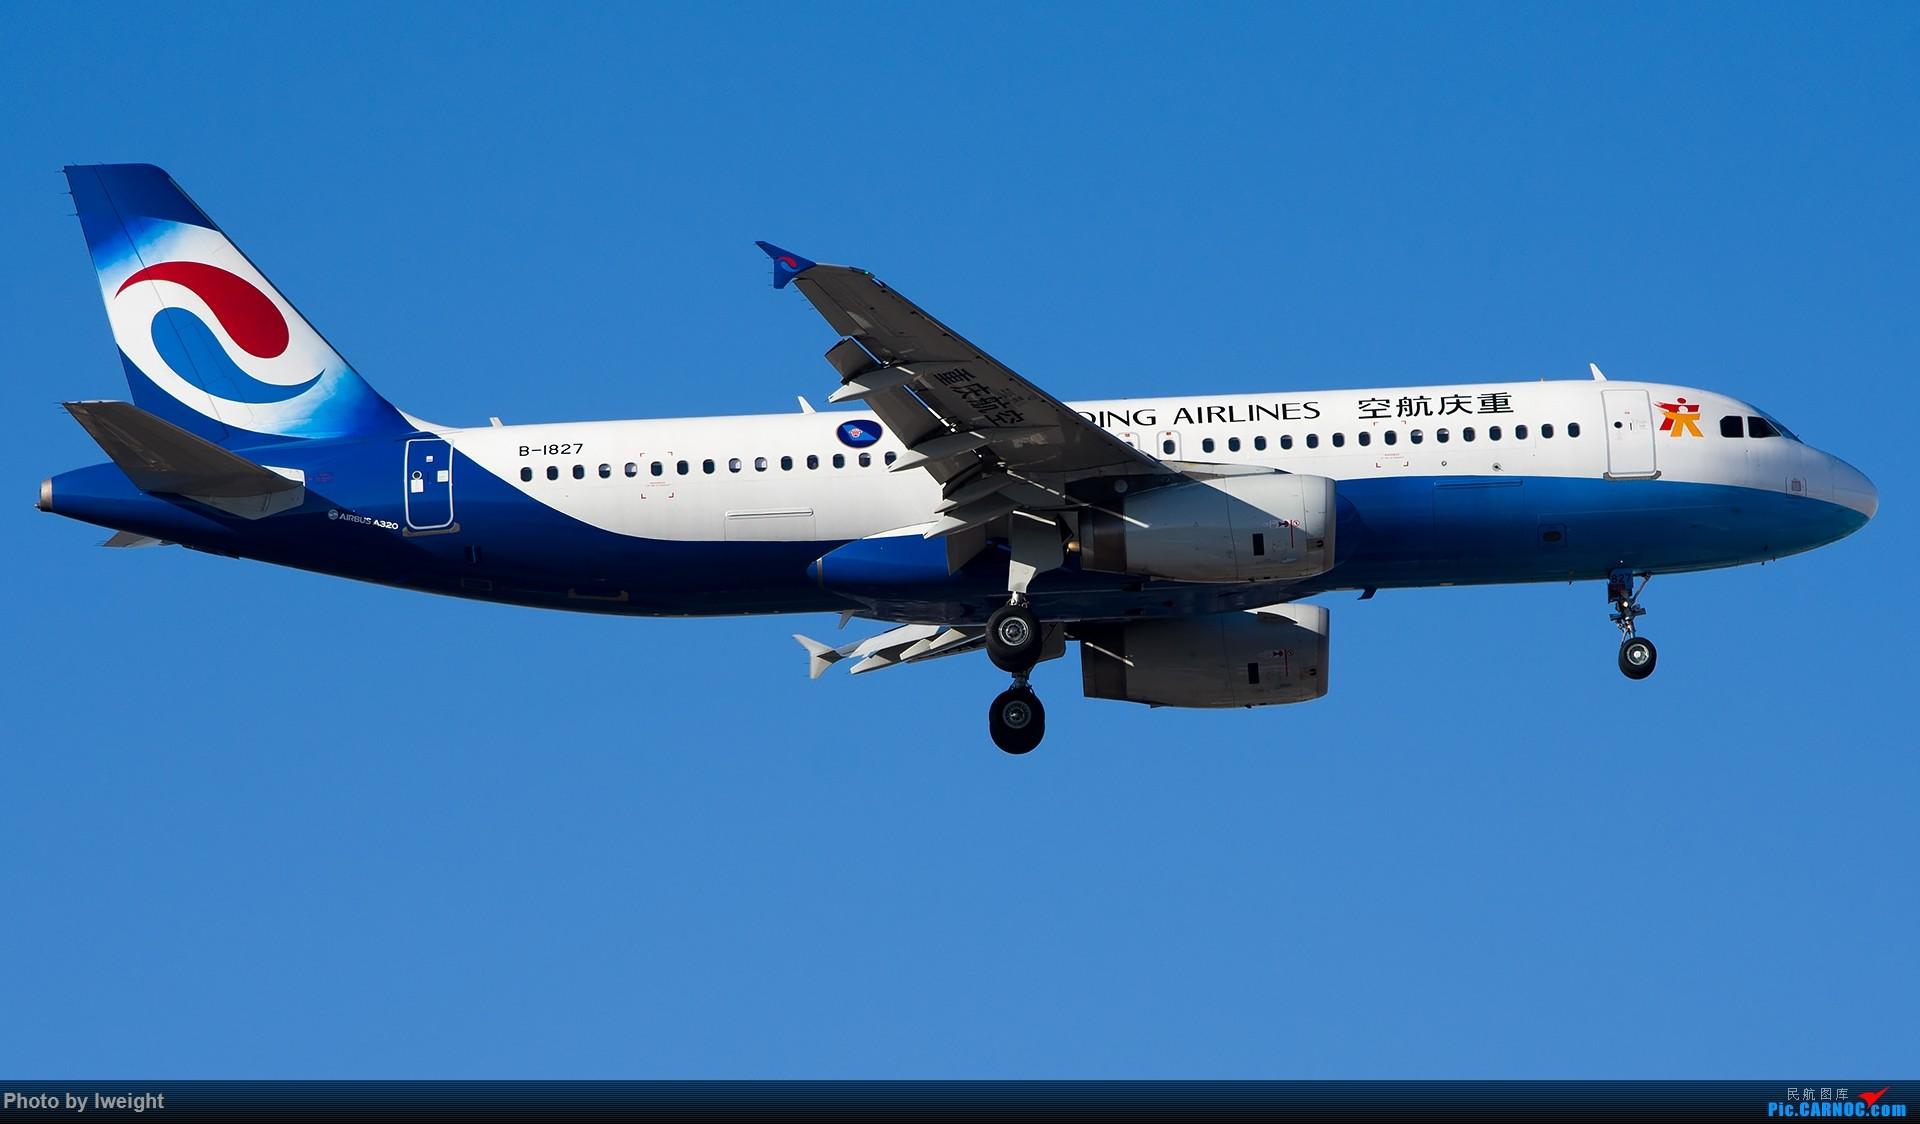 Re:[原创]又见蓝月亮 AIRBUS A320-200 B-1827 中国北京首都国际机场